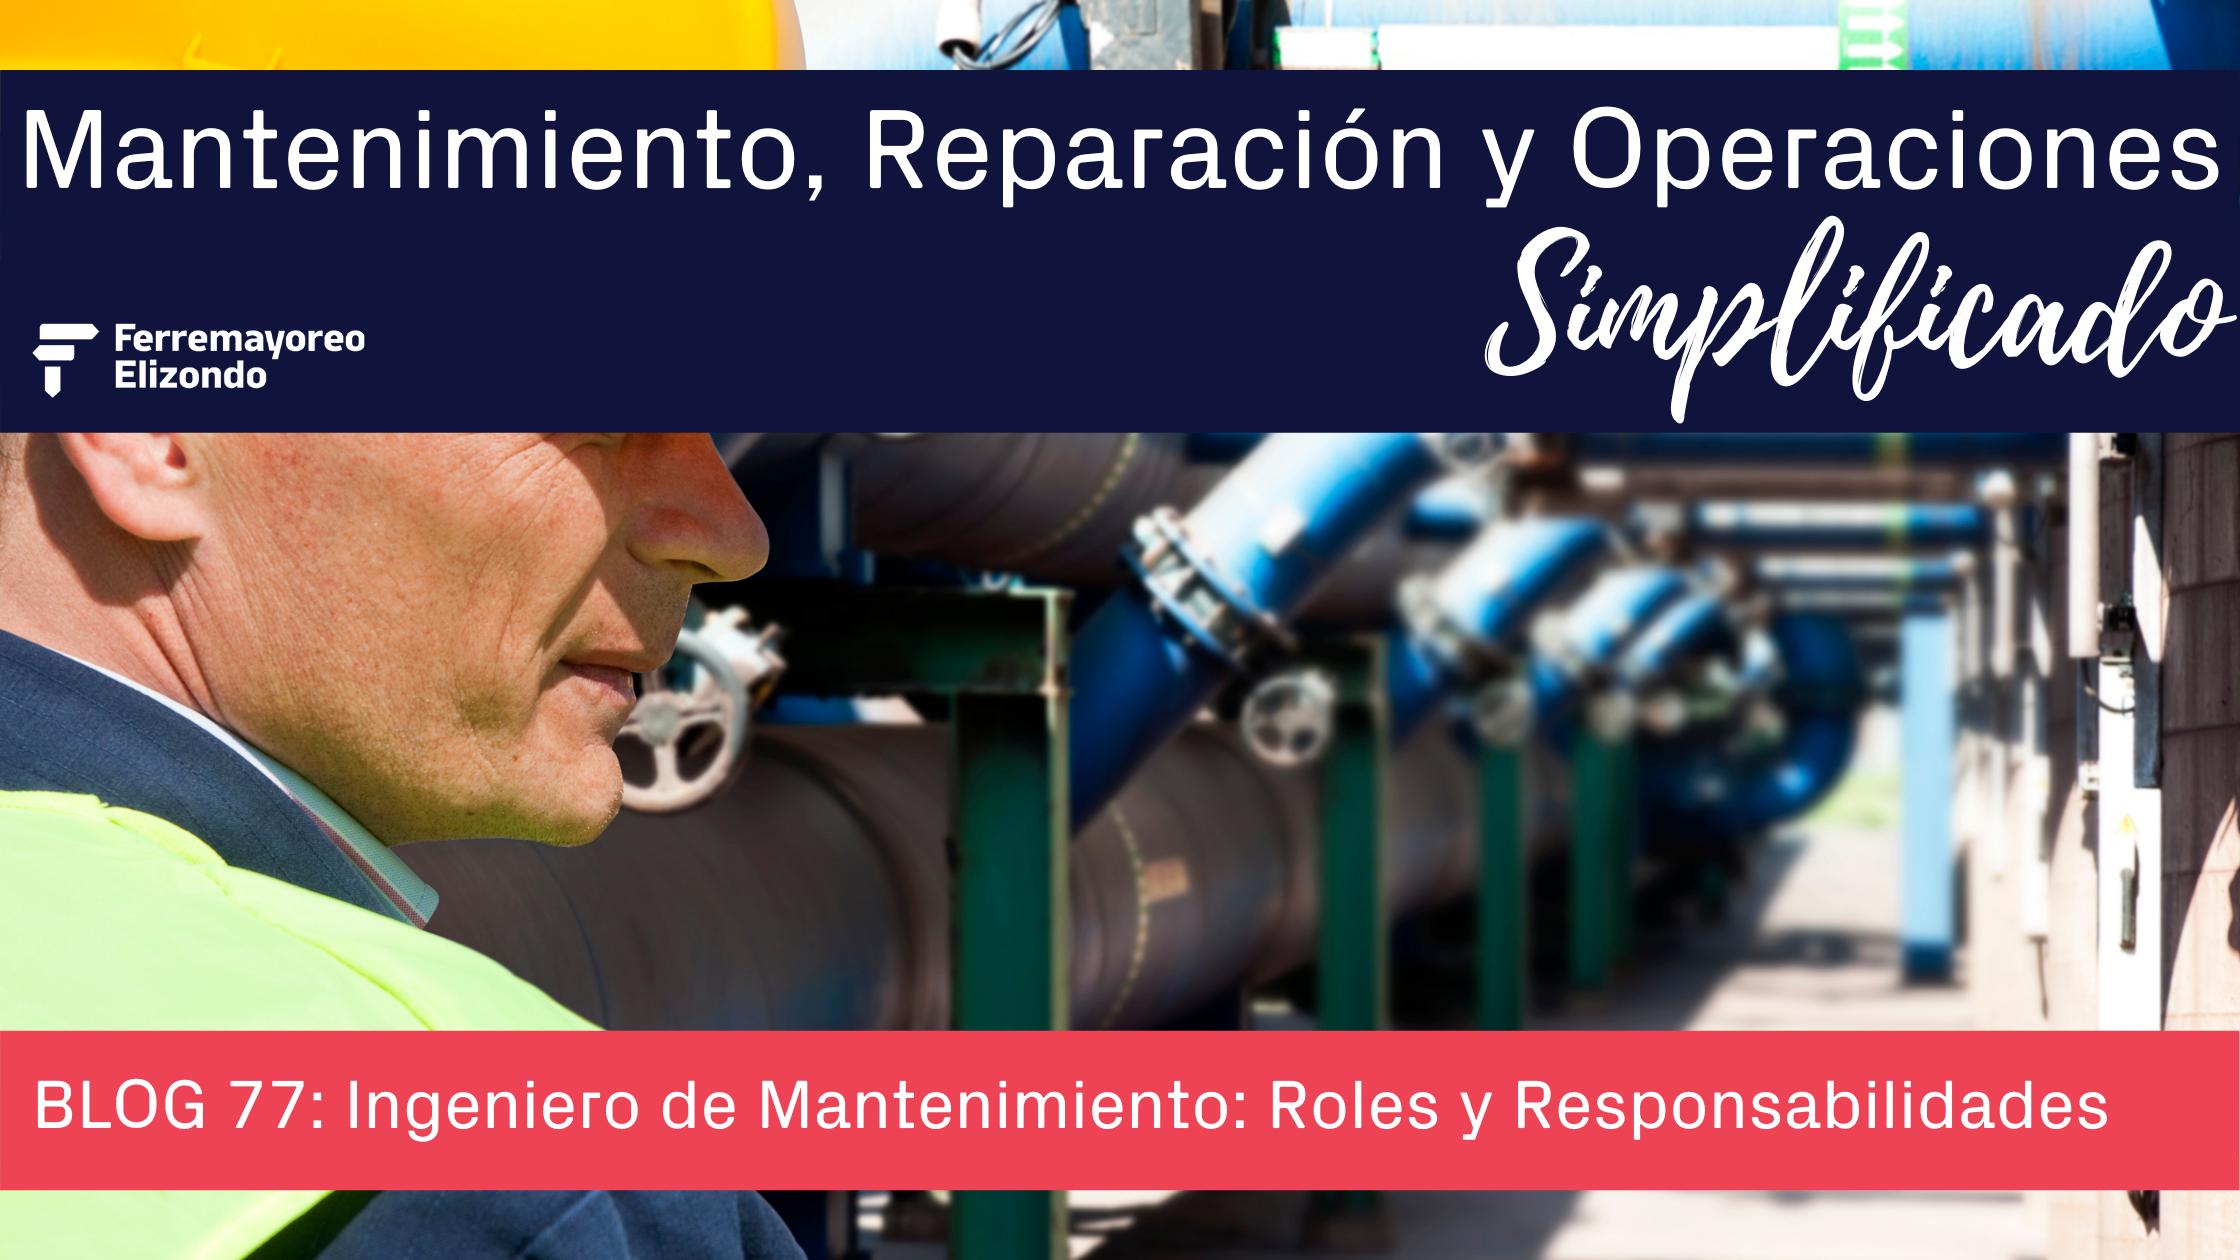 MRO Simplificado: Ingeniero de Mantenimiento - Roles y Responsabilidades